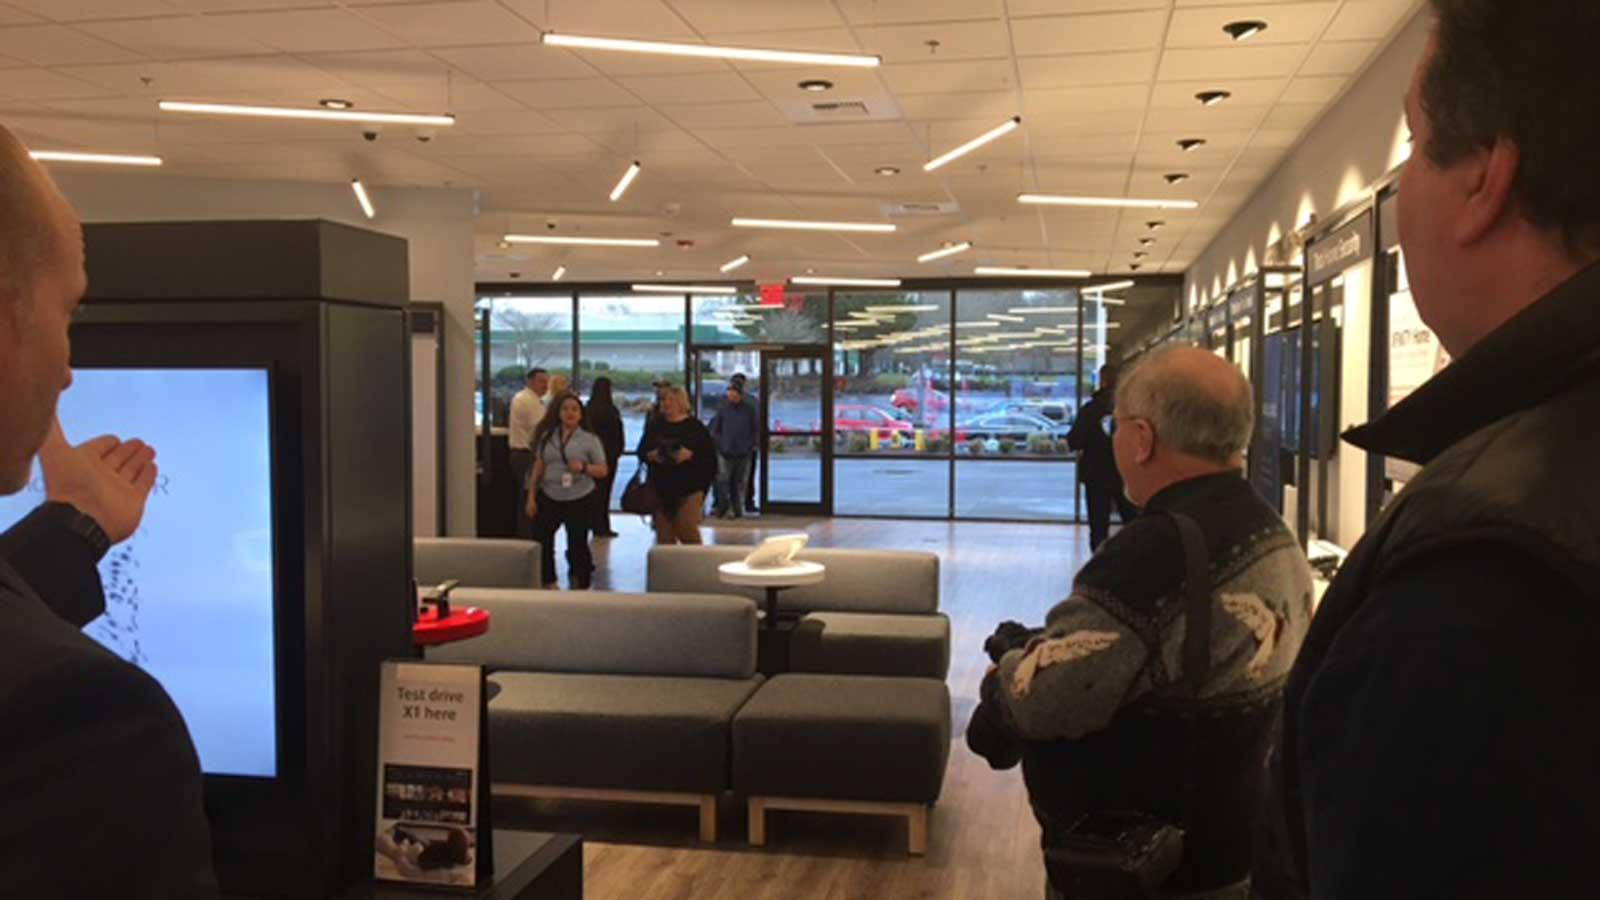 Xfinity Store in Olympia, Washington